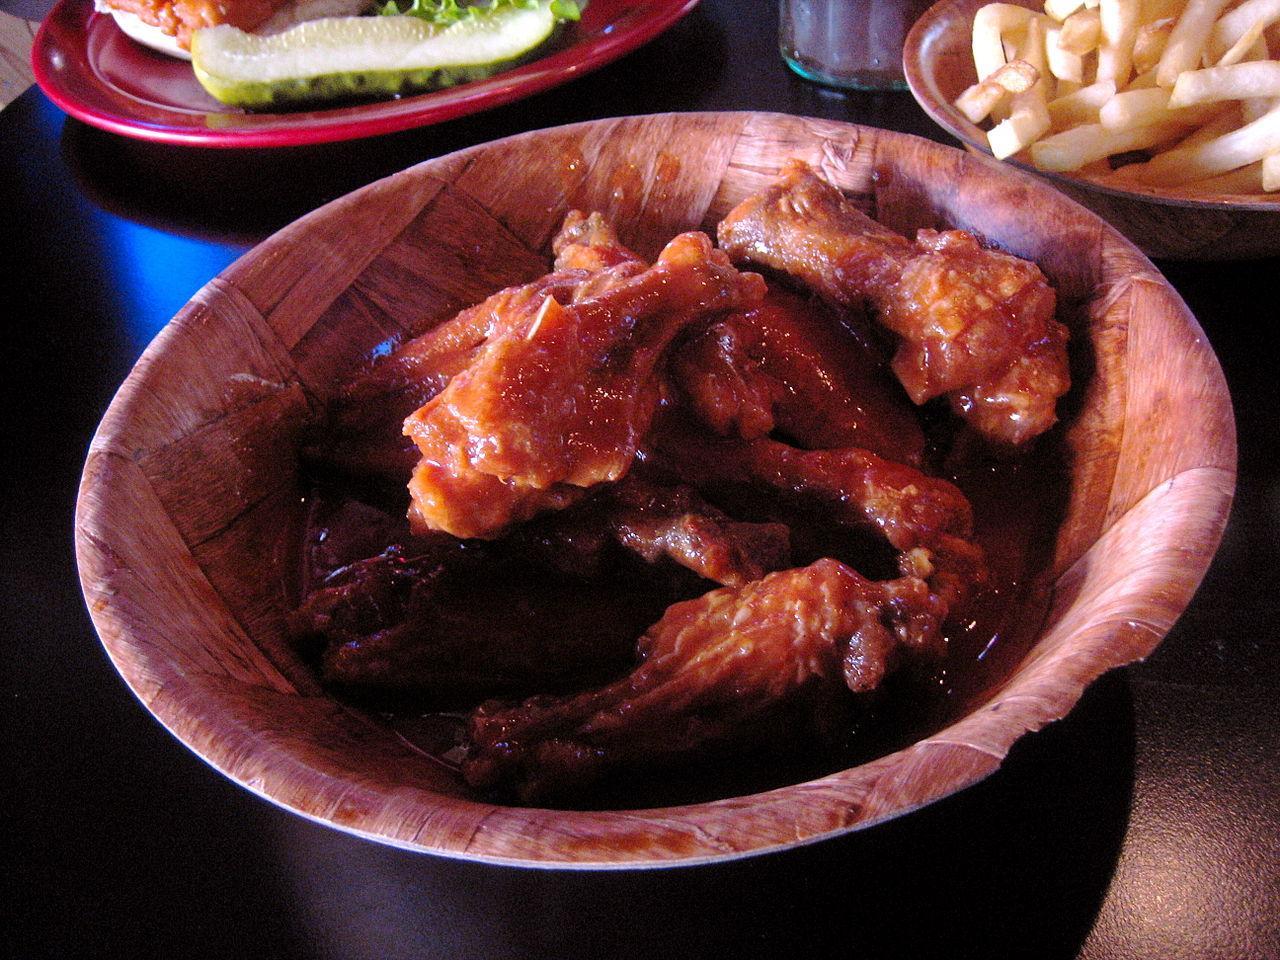 Duff's chicken wings